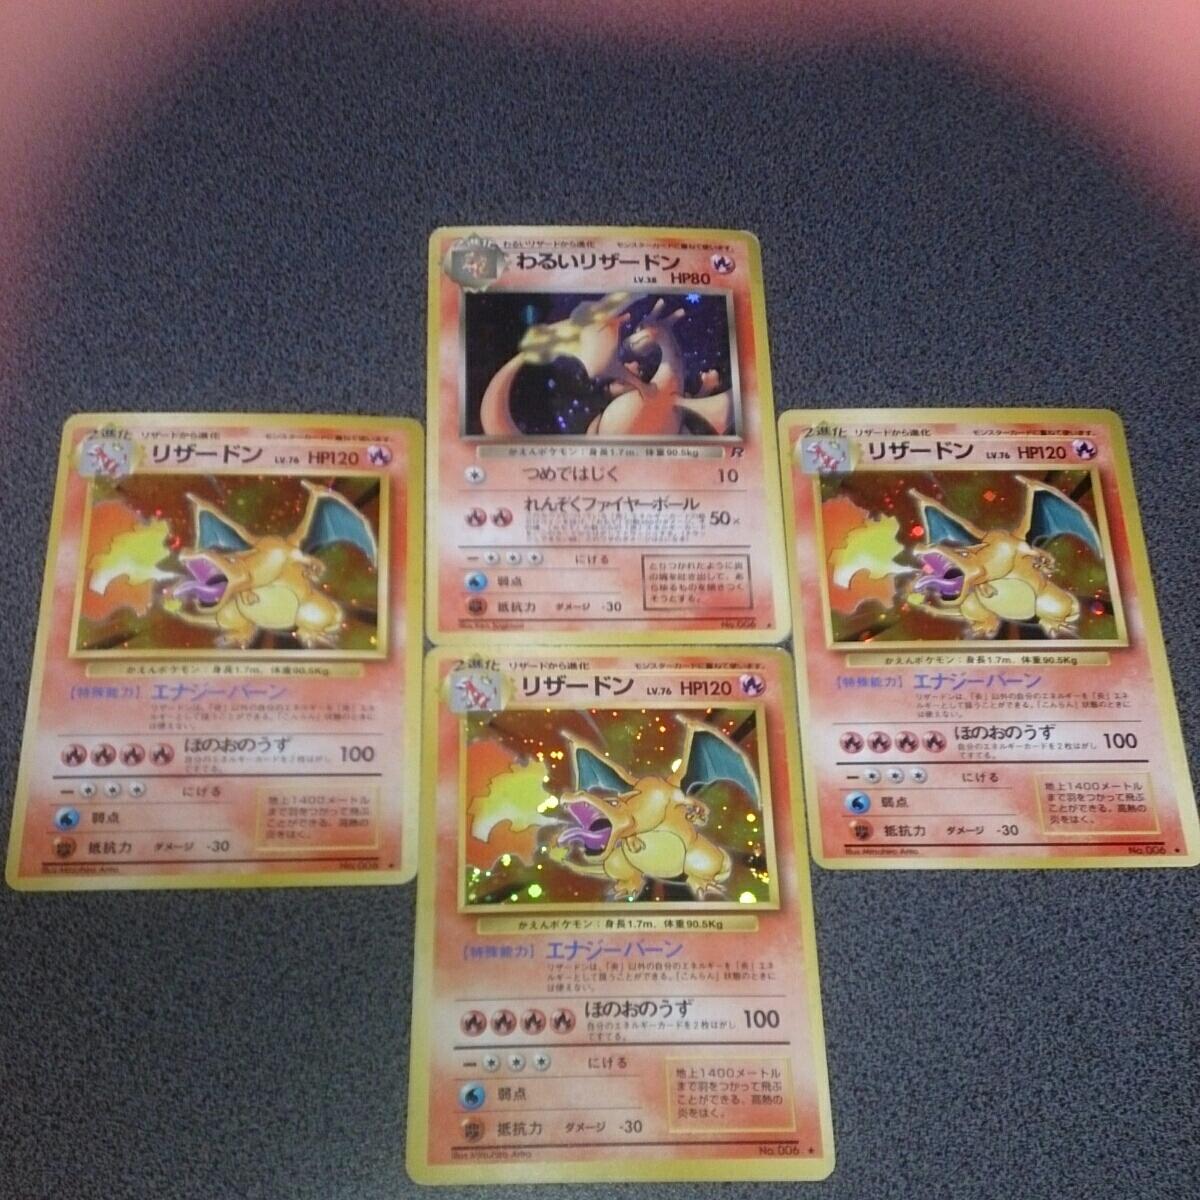 ポケモンカード:リザードン3枚/わるいリザードン/初版/旧裏面